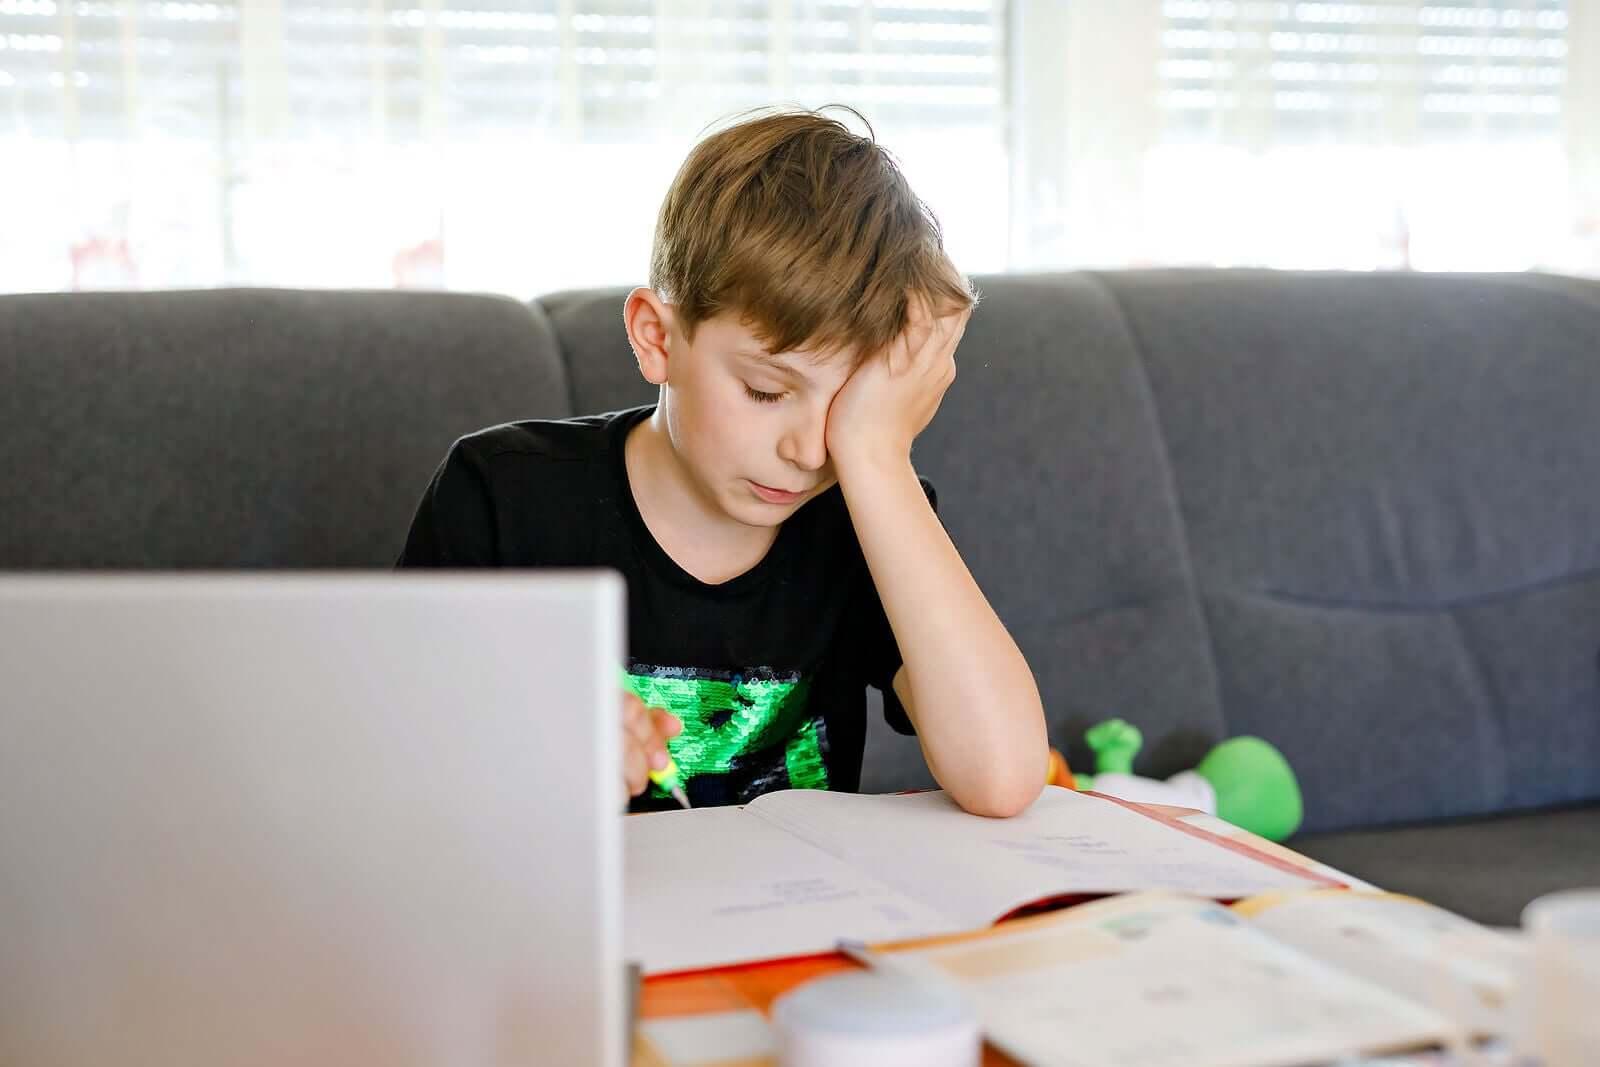 ajudar um adolescente com dificuldades de aprendizagem